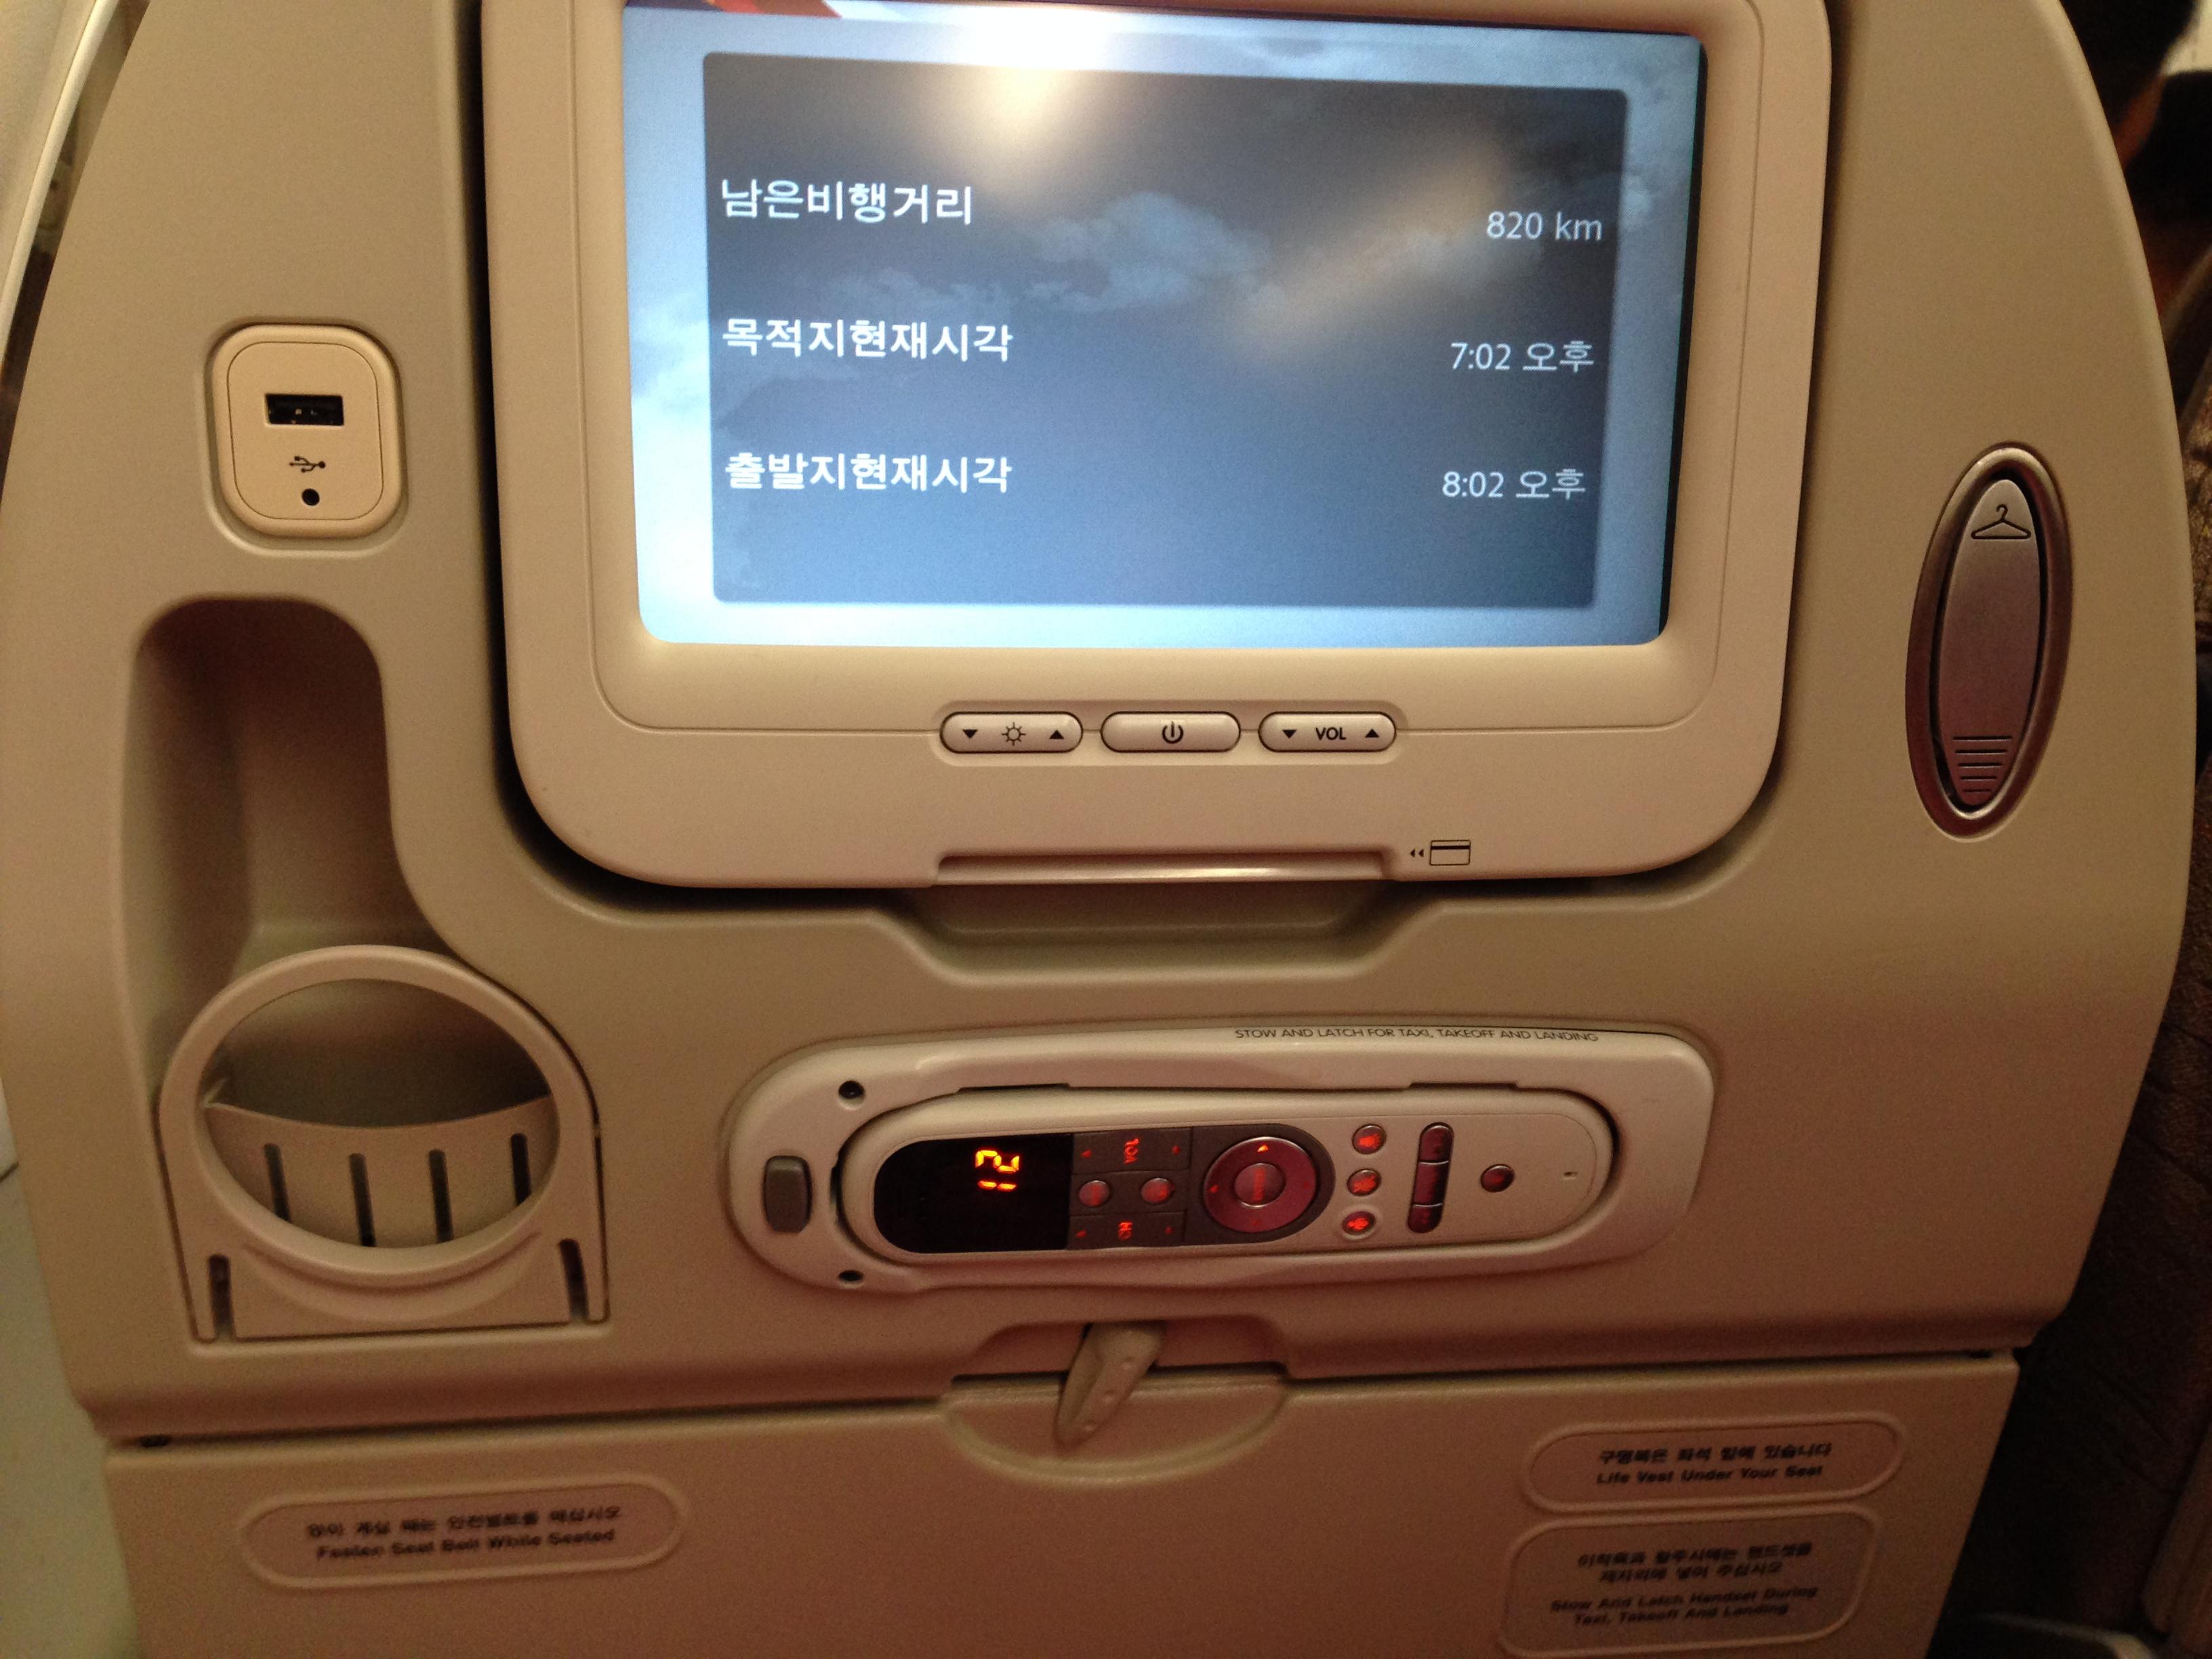 韩亚航空飞机餐